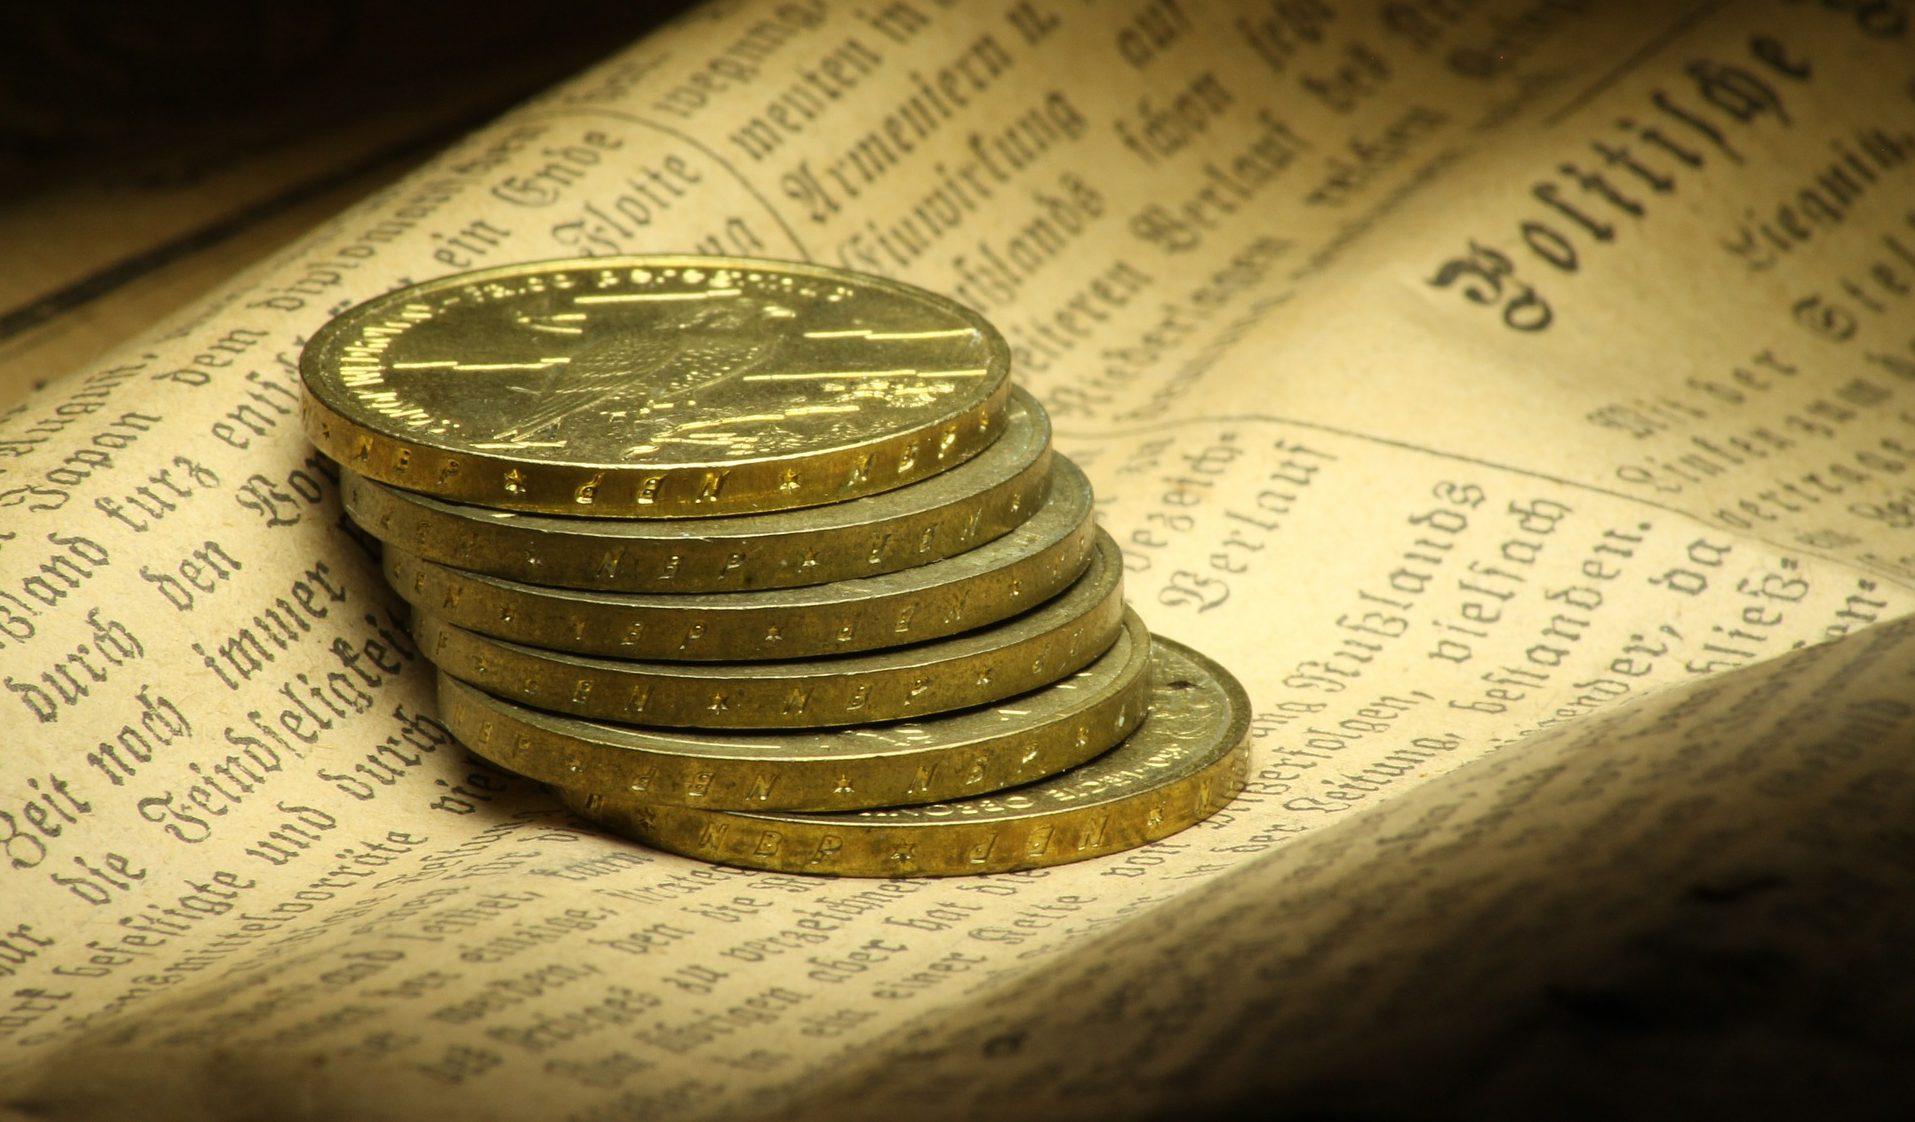 dinero, libros, economía, literatura, recurso, bbva